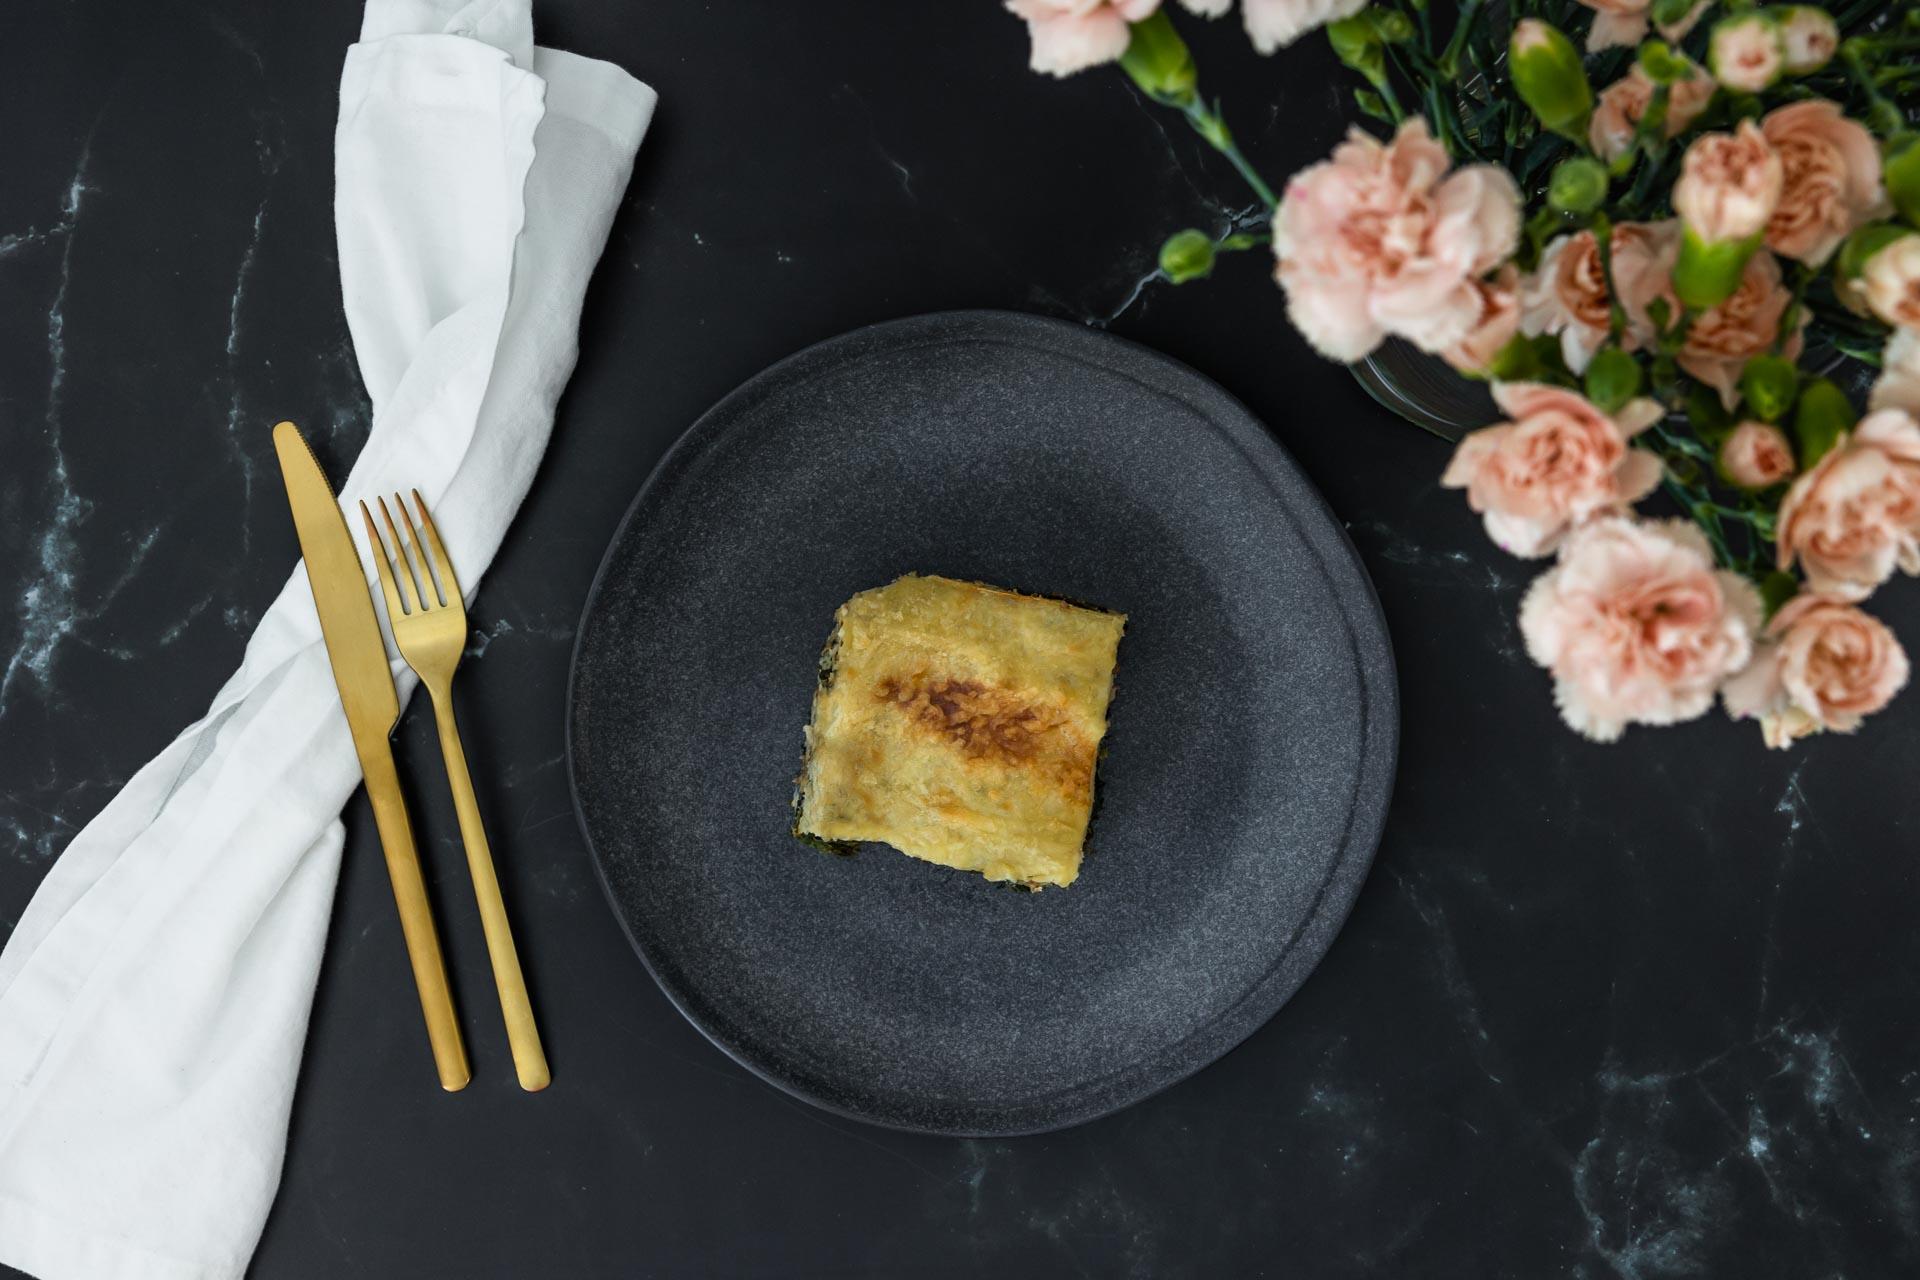 Spinat Lasagne vegan von oben mit Blumen und goldenem Besteck und weisser Serviette